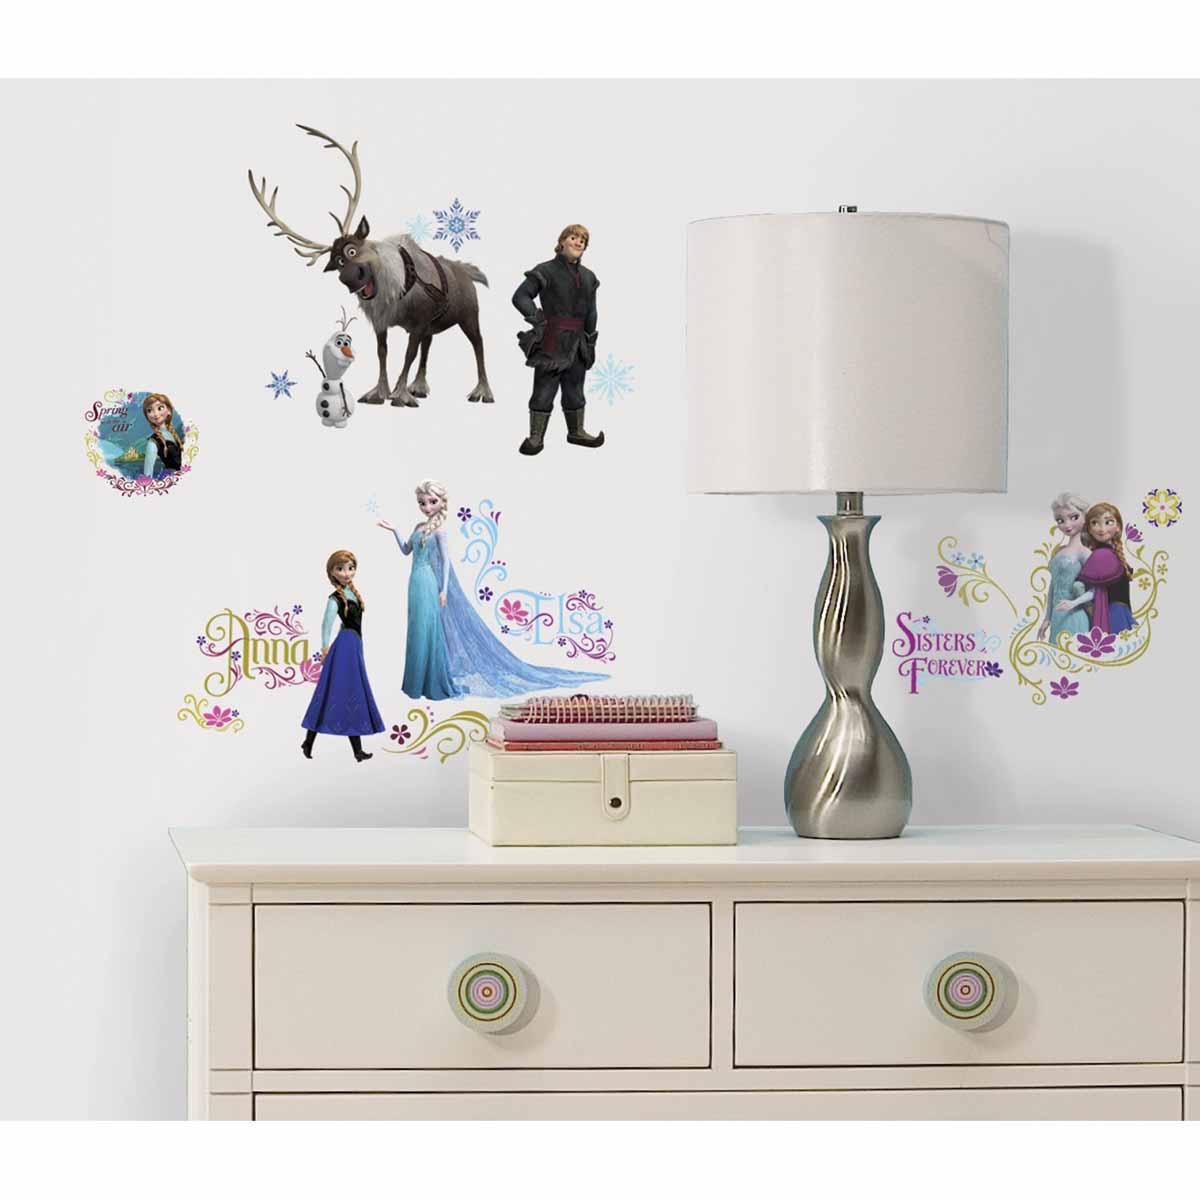 RoomMates Наклейки для декора Холодное сердцеRMK2361SCSНаклейки для декора Холодное сердце, персонажи 1 от знаменитого производителя RoomMates станут украшением вашей квартиры! Привнесите магию знаменитого мультфильма Диснея в комнату вашего ребенка с новым набором наклеек для декора! Наклейки, входящие в набор, содержат изображения основных персонажей знаменитого диснеевского мультфильма Холодное сердце: Эльзы, Анны, Кристофа, Олафа и Свена. Всего в наборе 36 стикеров. Наклейки не нужно вырезать - их следует просто отсоединить от защитного слоя и поместить на стену или любую другую плоскую гладкую поверхность. Наклейки многоразовые: их легко переклеивать и снимать со стены, они не оставляют липких следов на поверхности. В каждой индивидуальной упаковке вы можете найти 4 листа с различными наклейками! Таким образом, покупая наклейки фирмы RoomMates, вы получаете гораздо больший ассортимент наклеек, имея возможность украсить ими различные поверхности в доме.